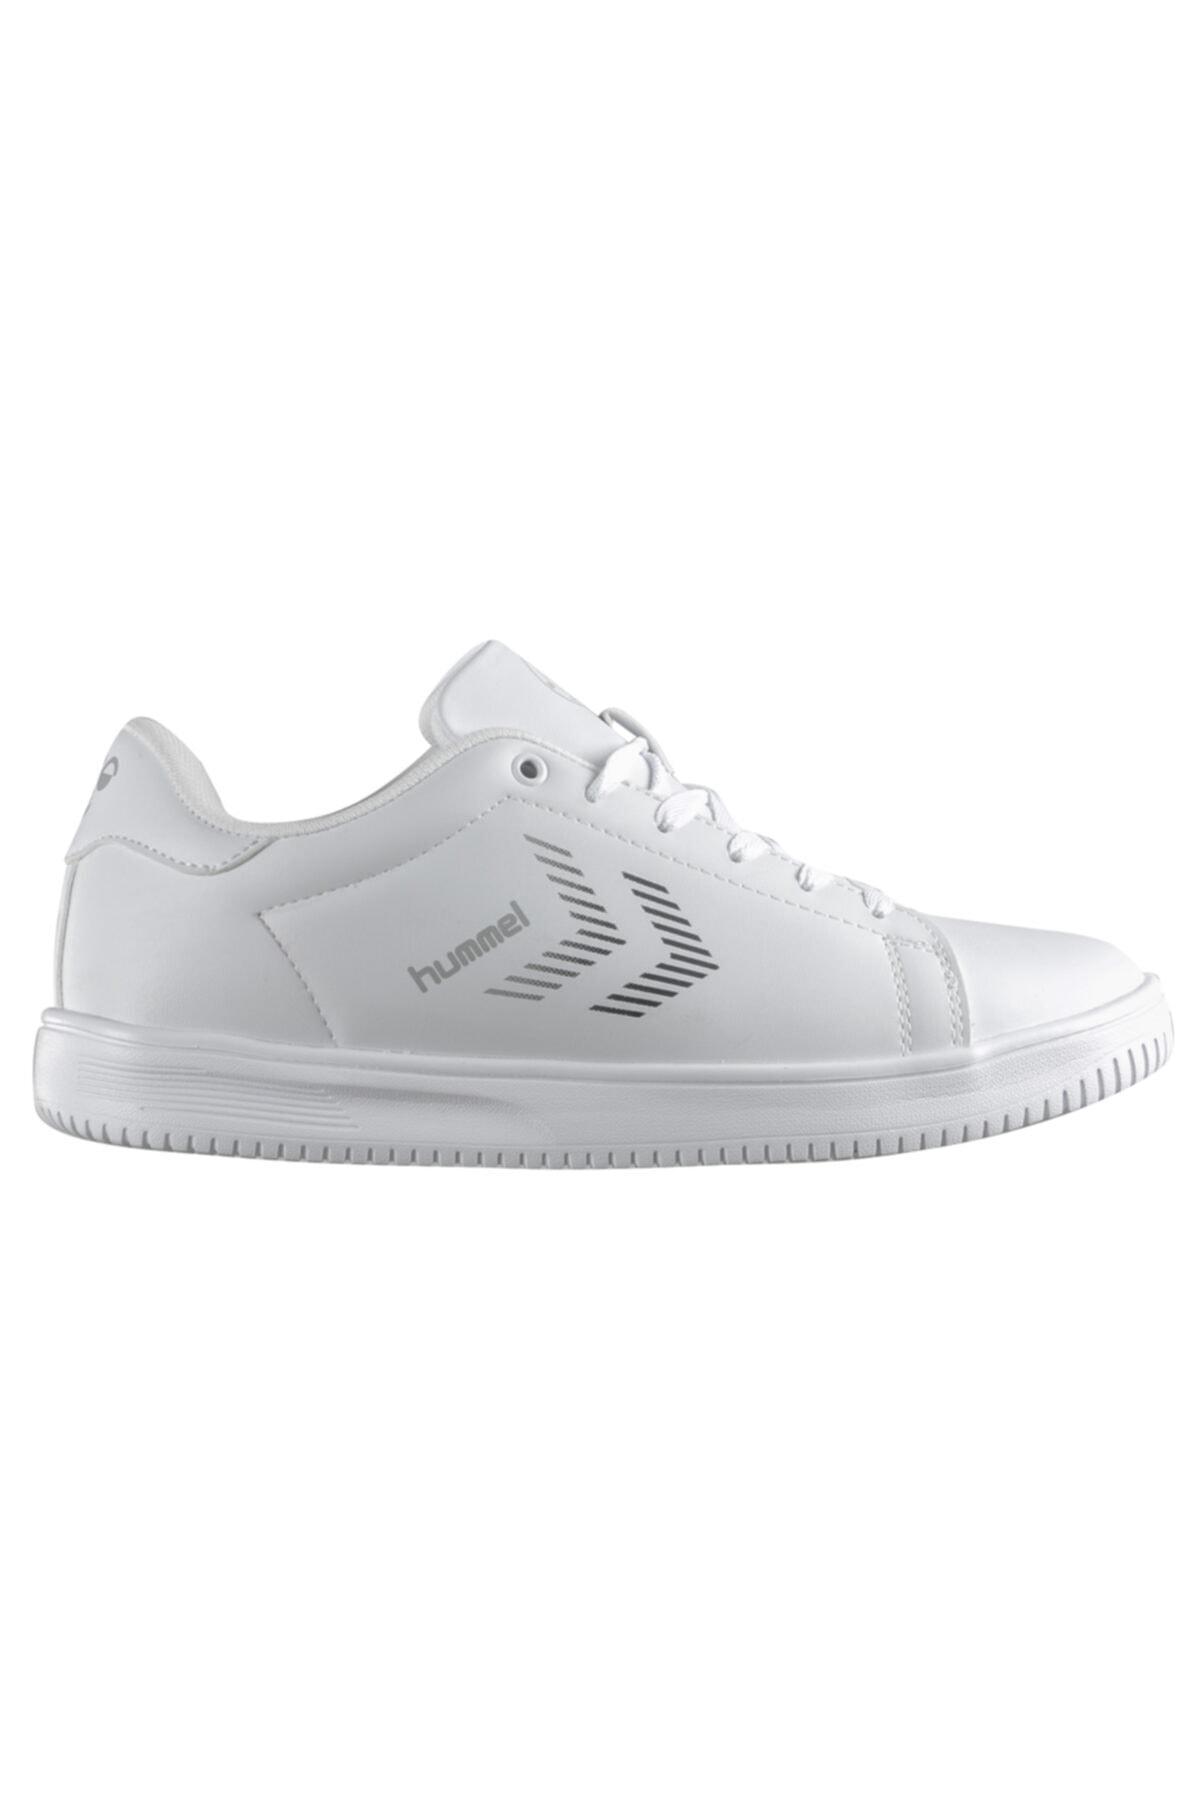 خرید انلاین کفش اسپرت مردانه ترکیه مارک هومل رنگ سفید ty48835742